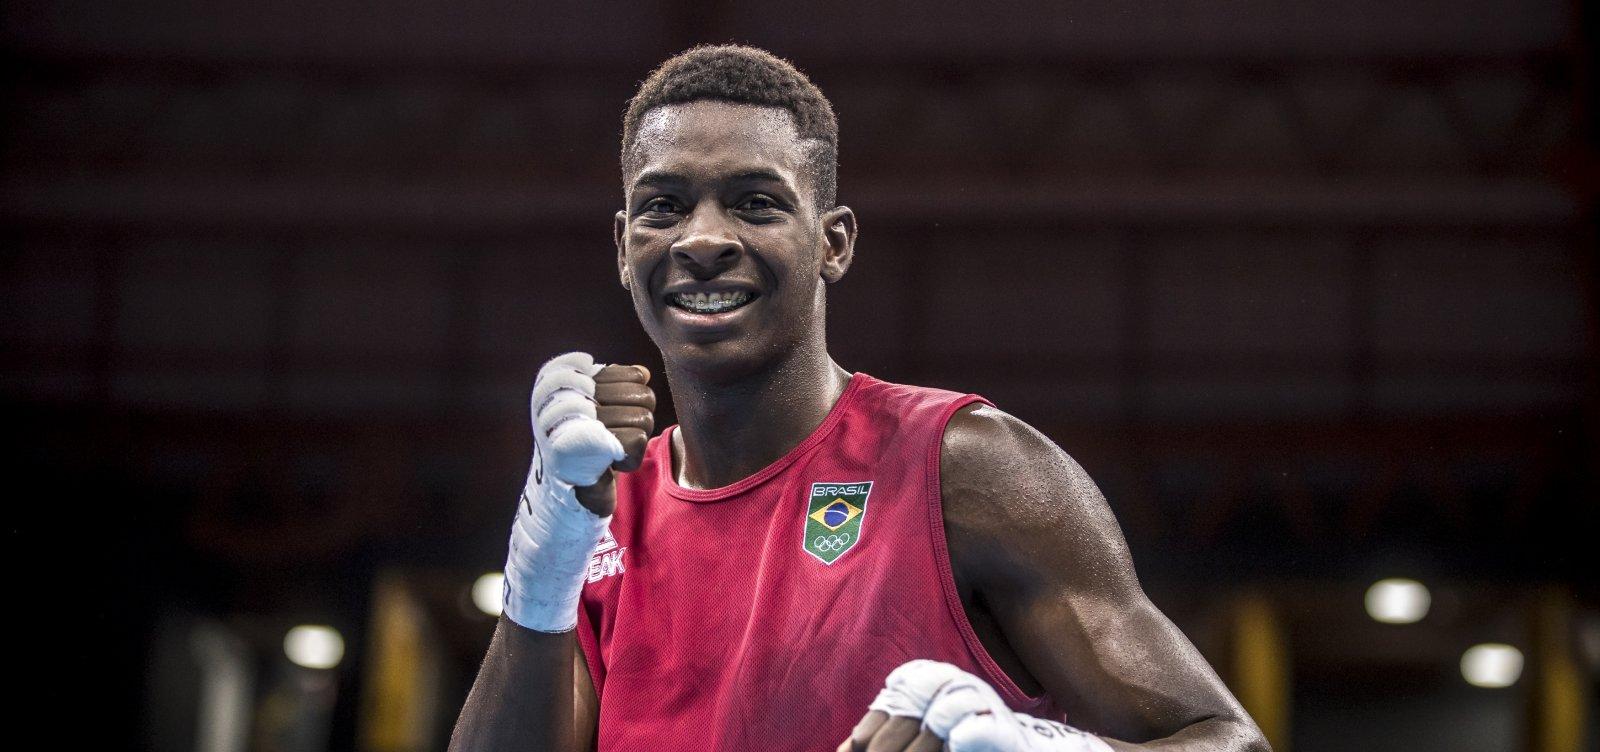 Baiano Keno Marley avança para as quartas de final no boxe